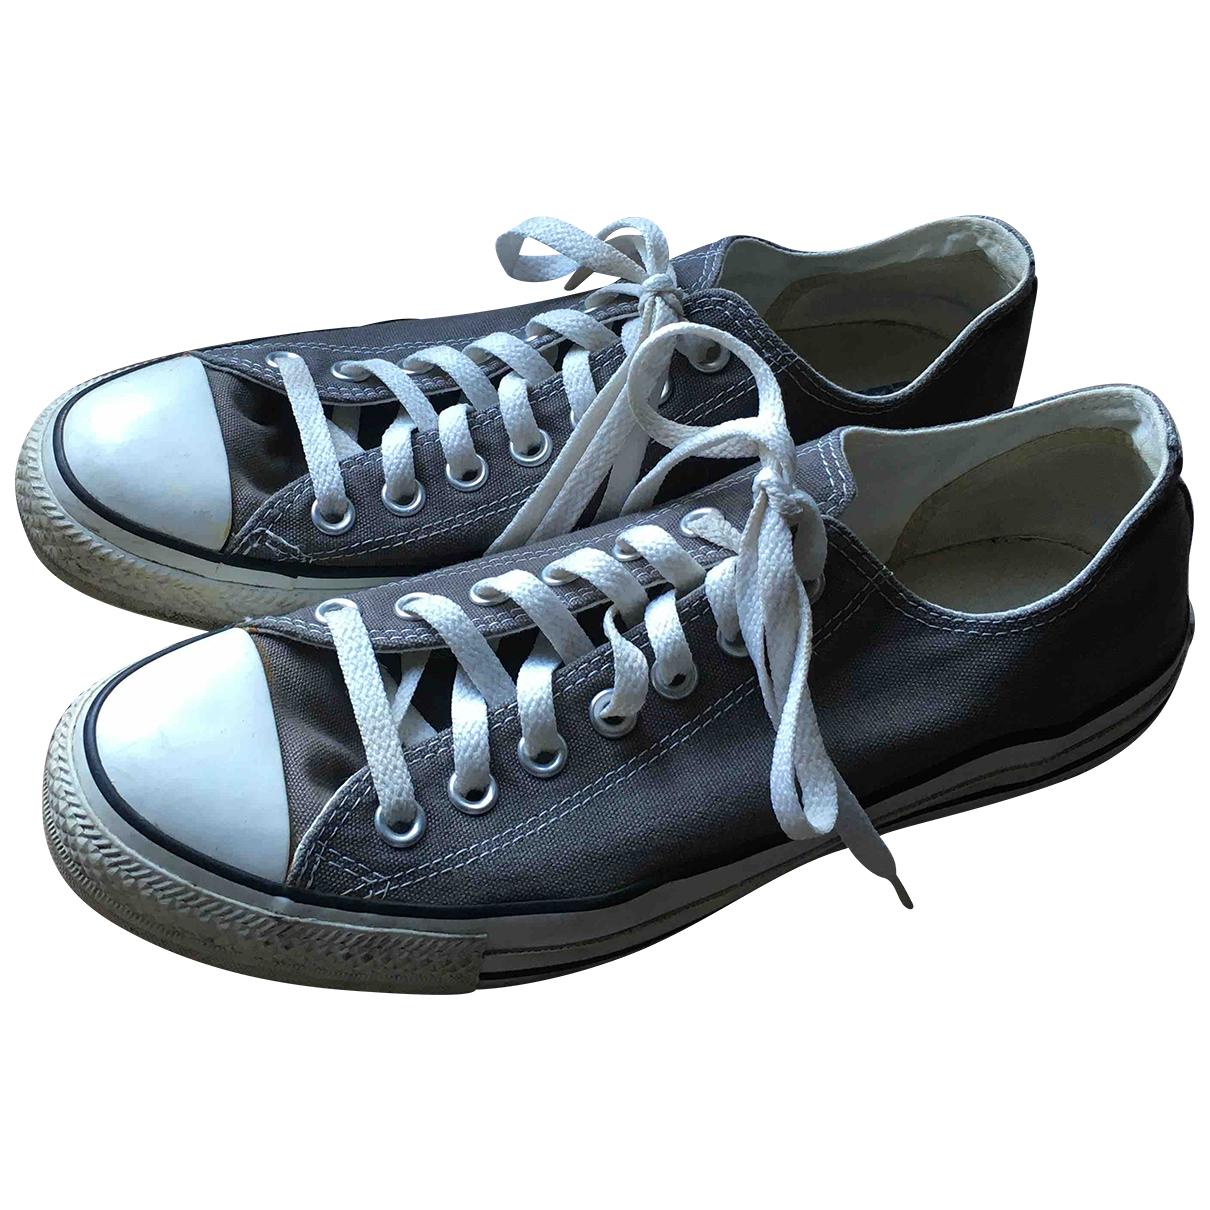 Converse - Baskets   pour homme en toile - gris